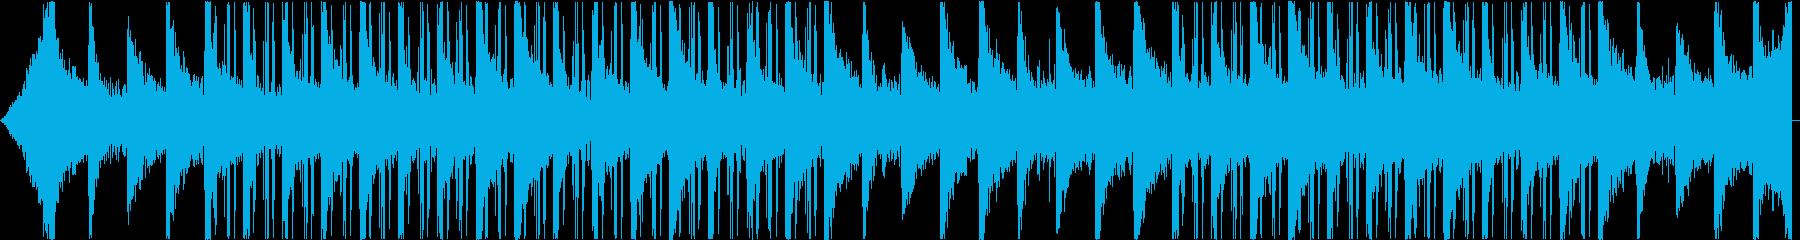 音数の少ないダウナーなインストの再生済みの波形